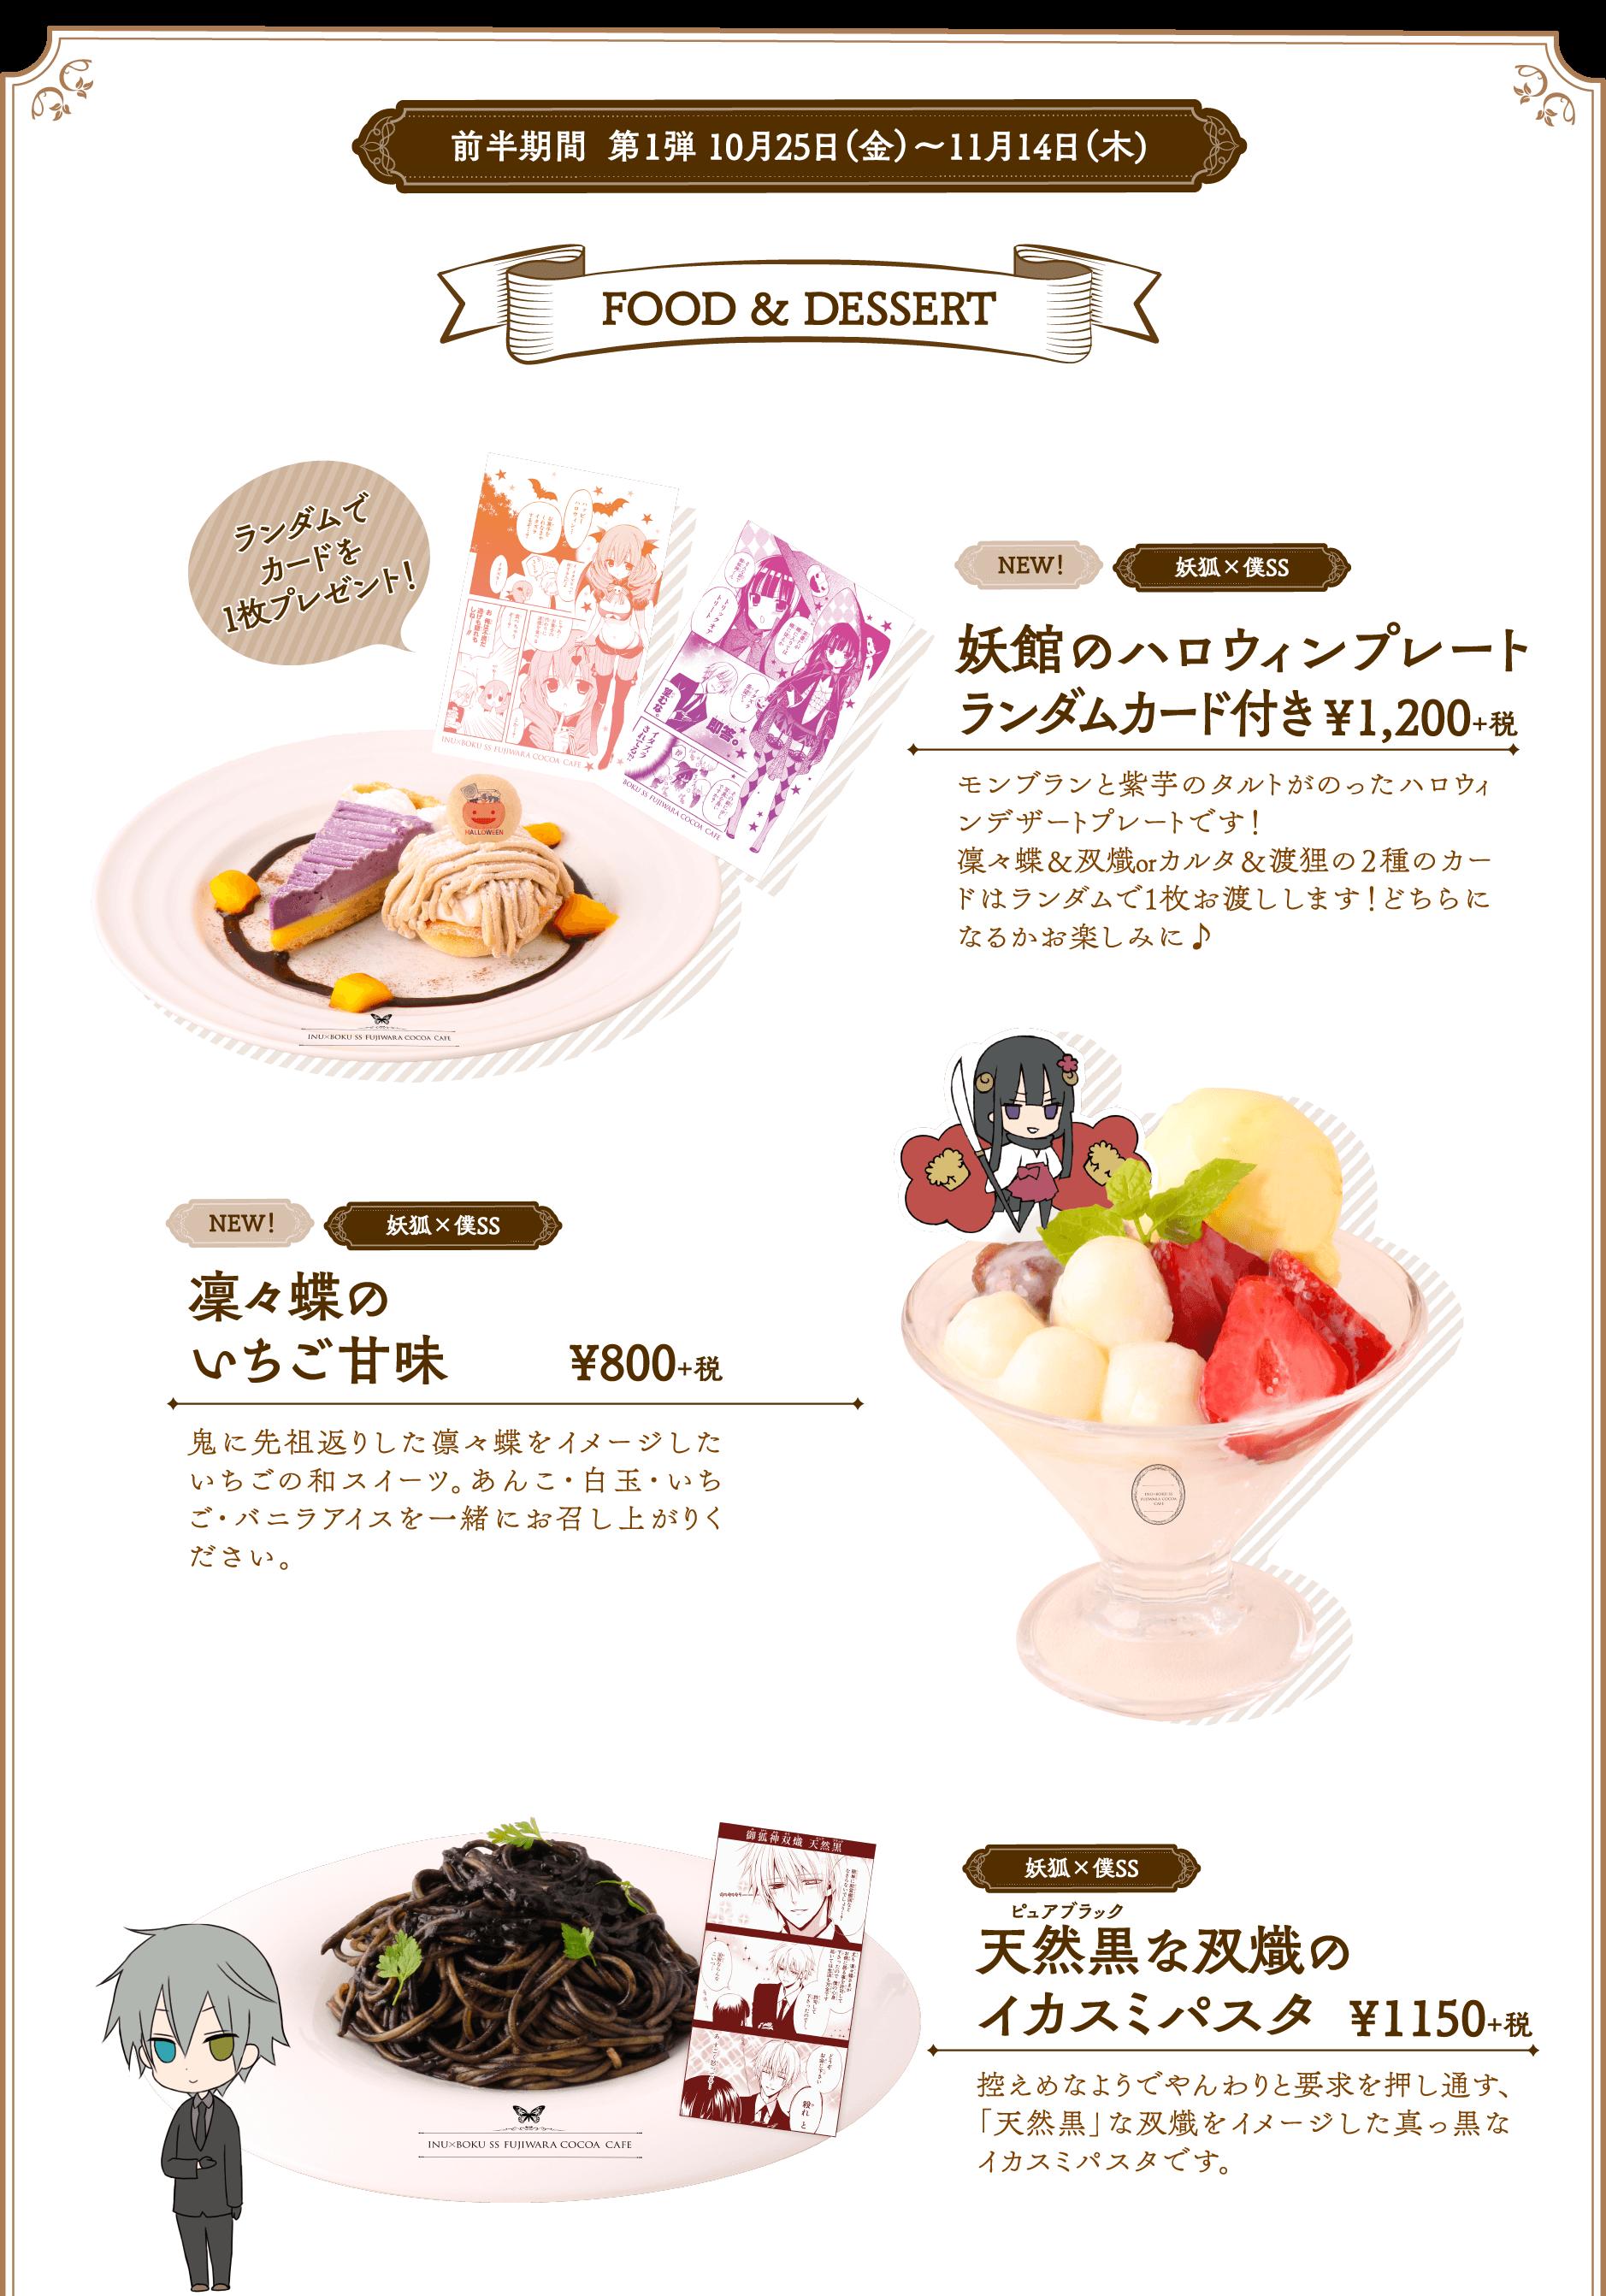 menu-1-1-20190927.png